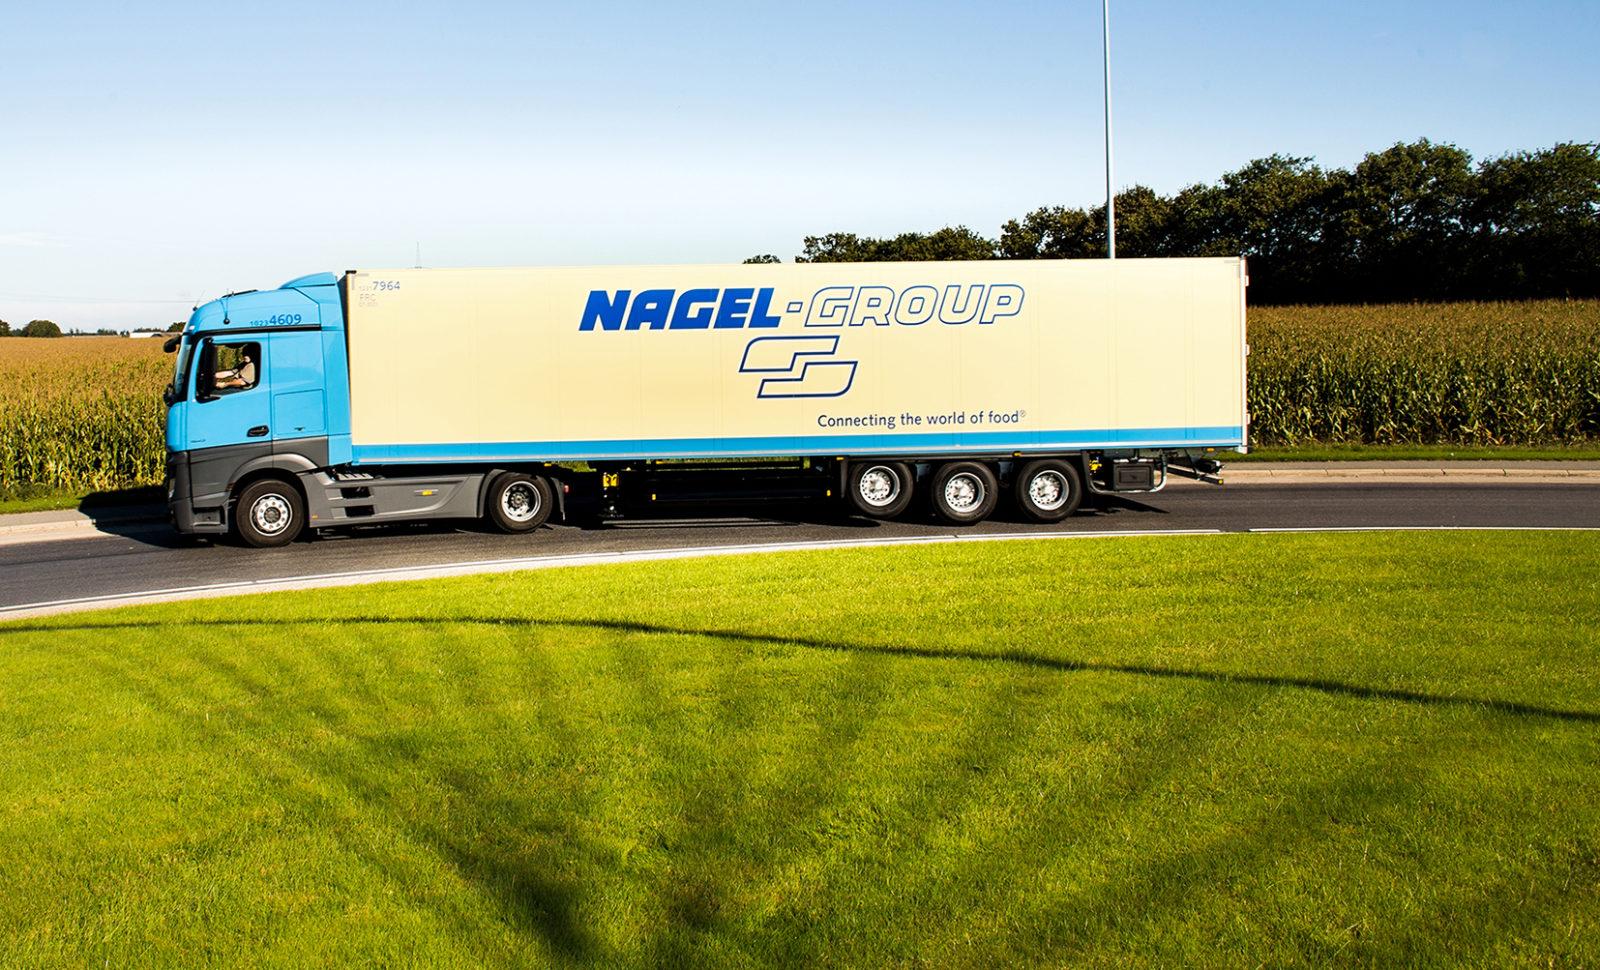 Nagel-Group Setzt In Den Niederlanden Kurs Auf Wachstum | LOGISTIK Express News